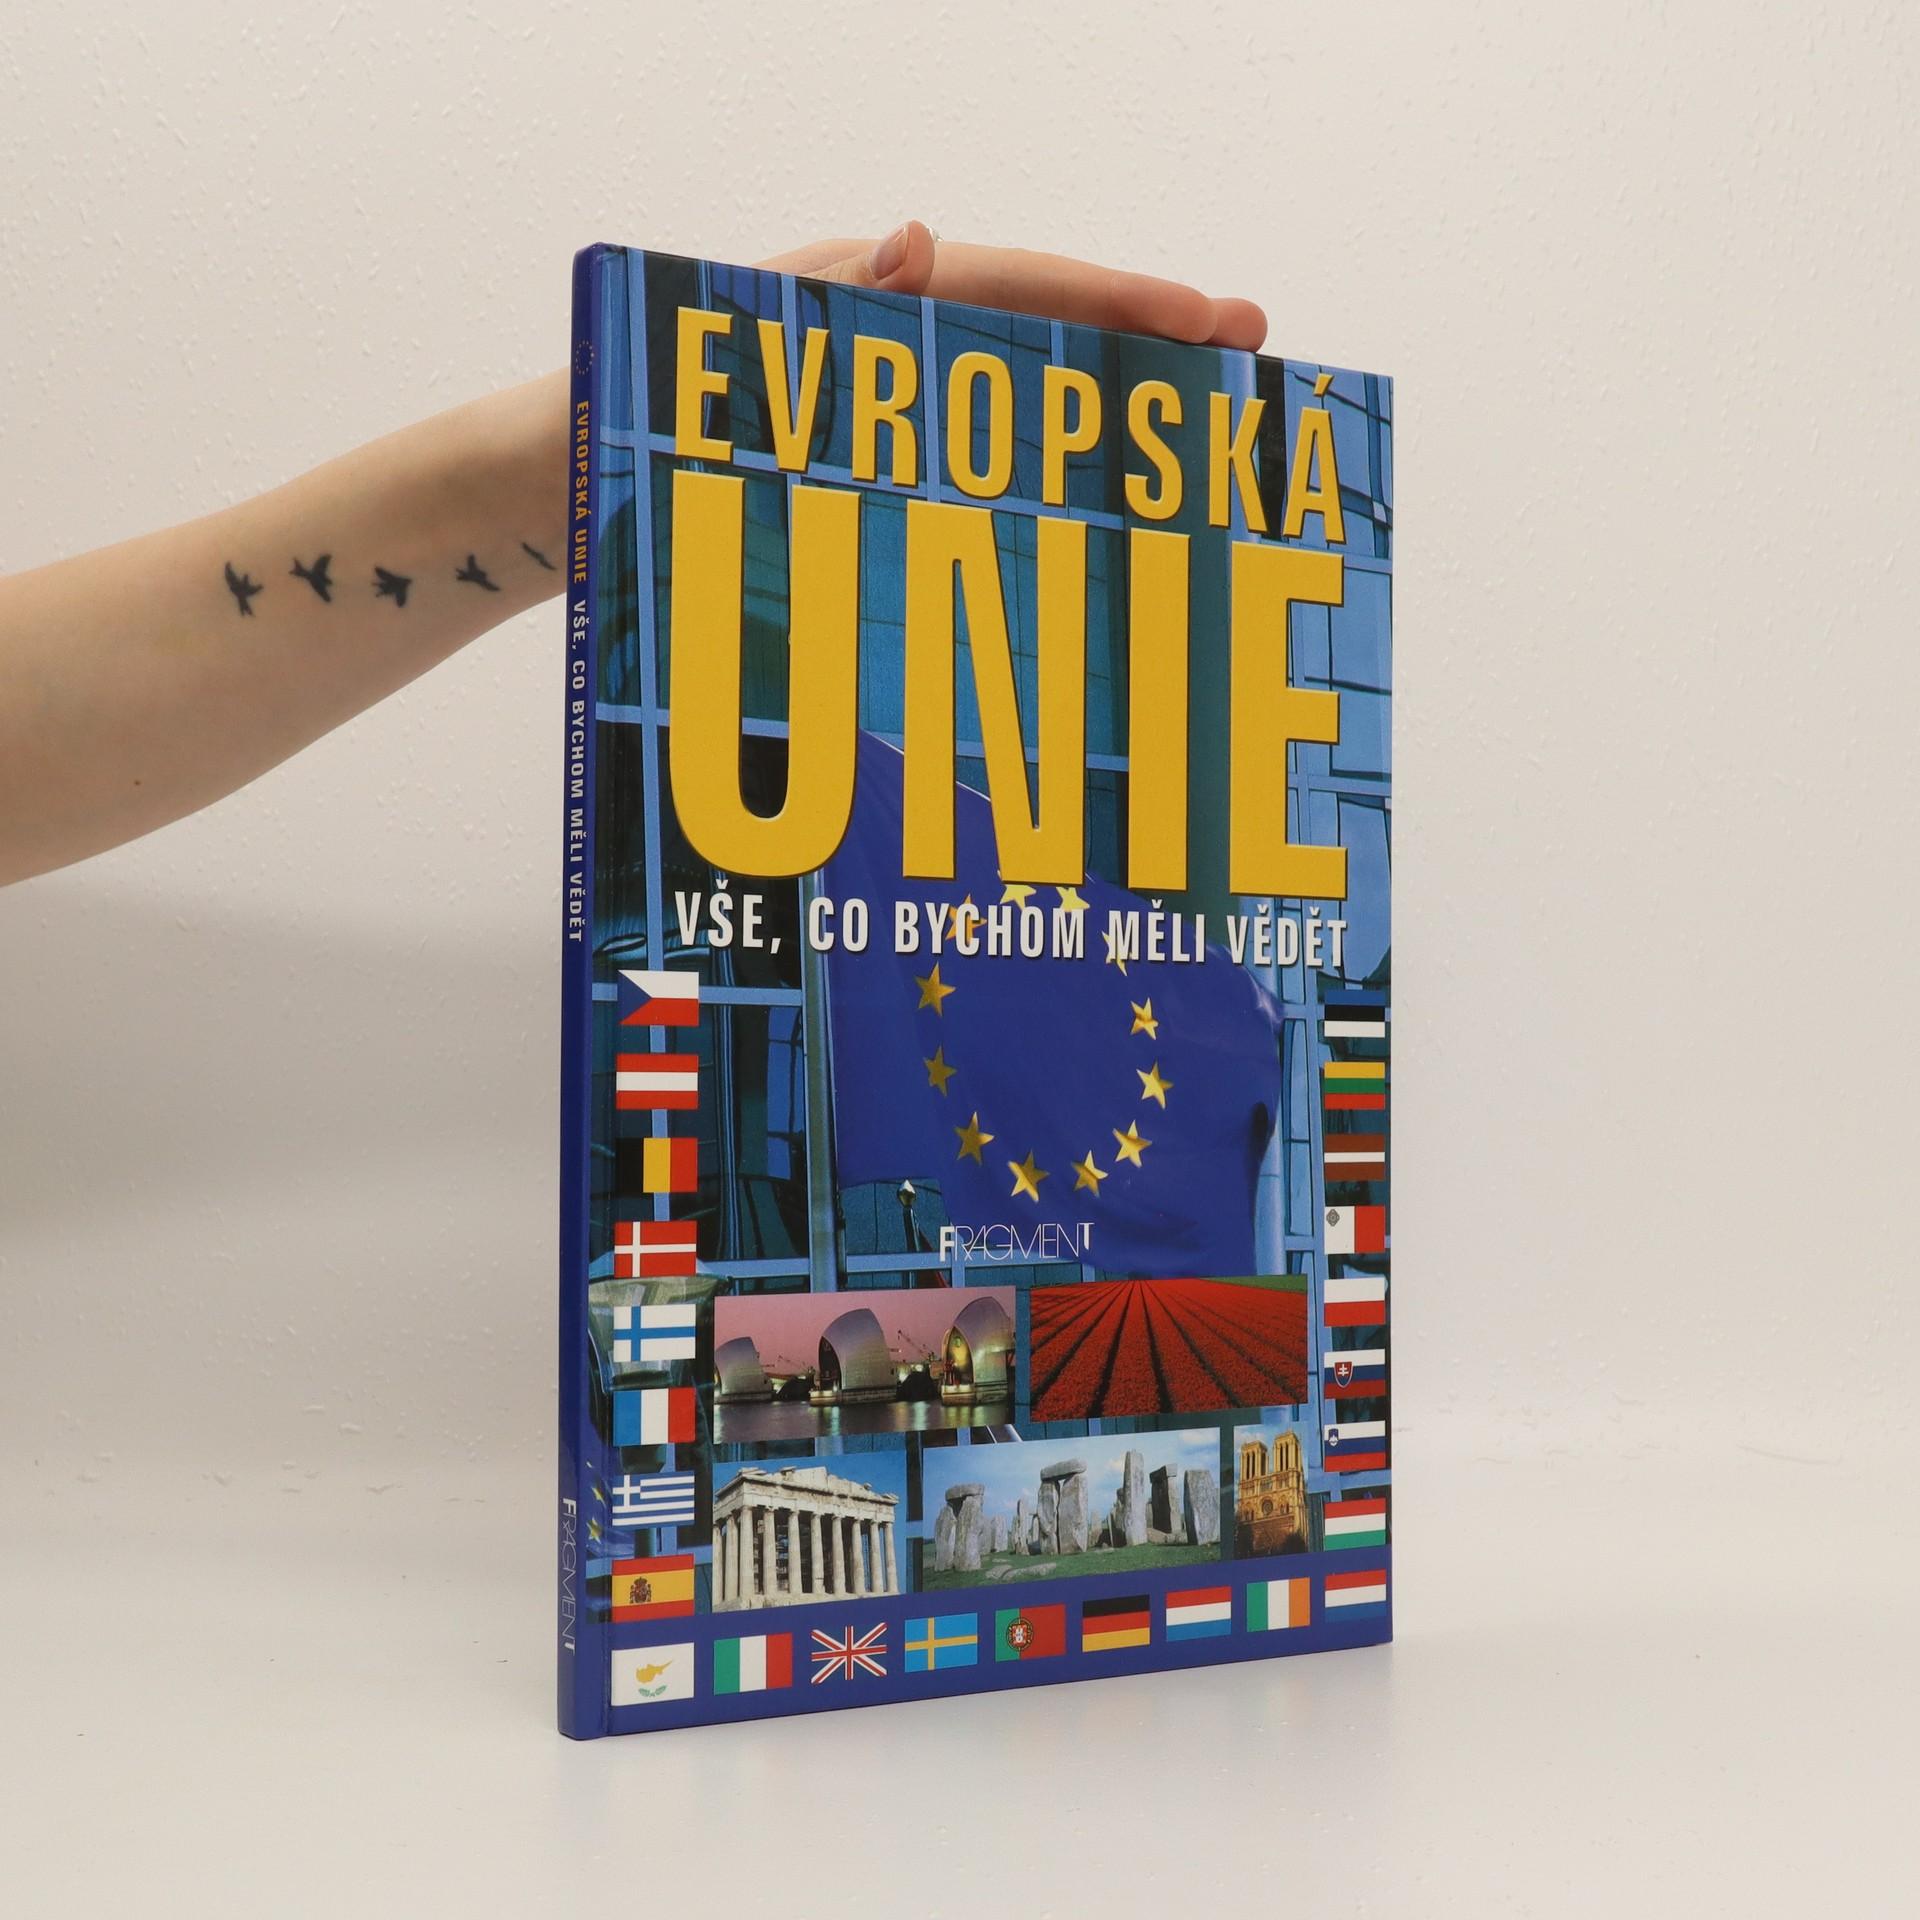 antikvární kniha Evropská unie. Vše, co bychom měli vědět, 2003